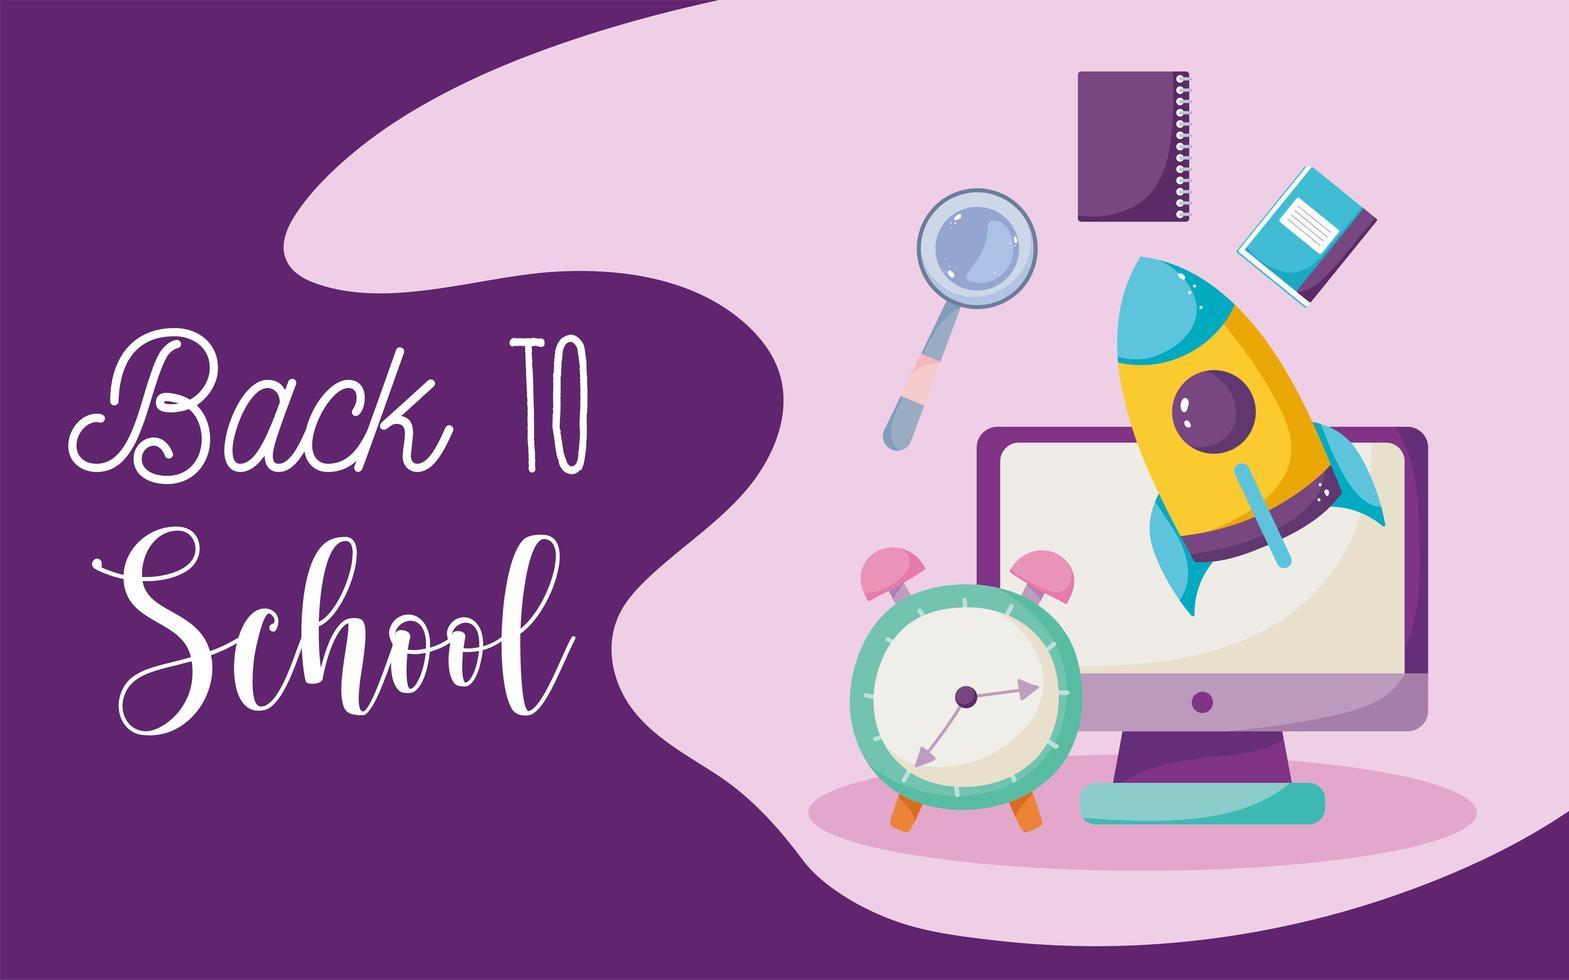 tillbaka till skolan, dator, klocka, raket och böcker vektor